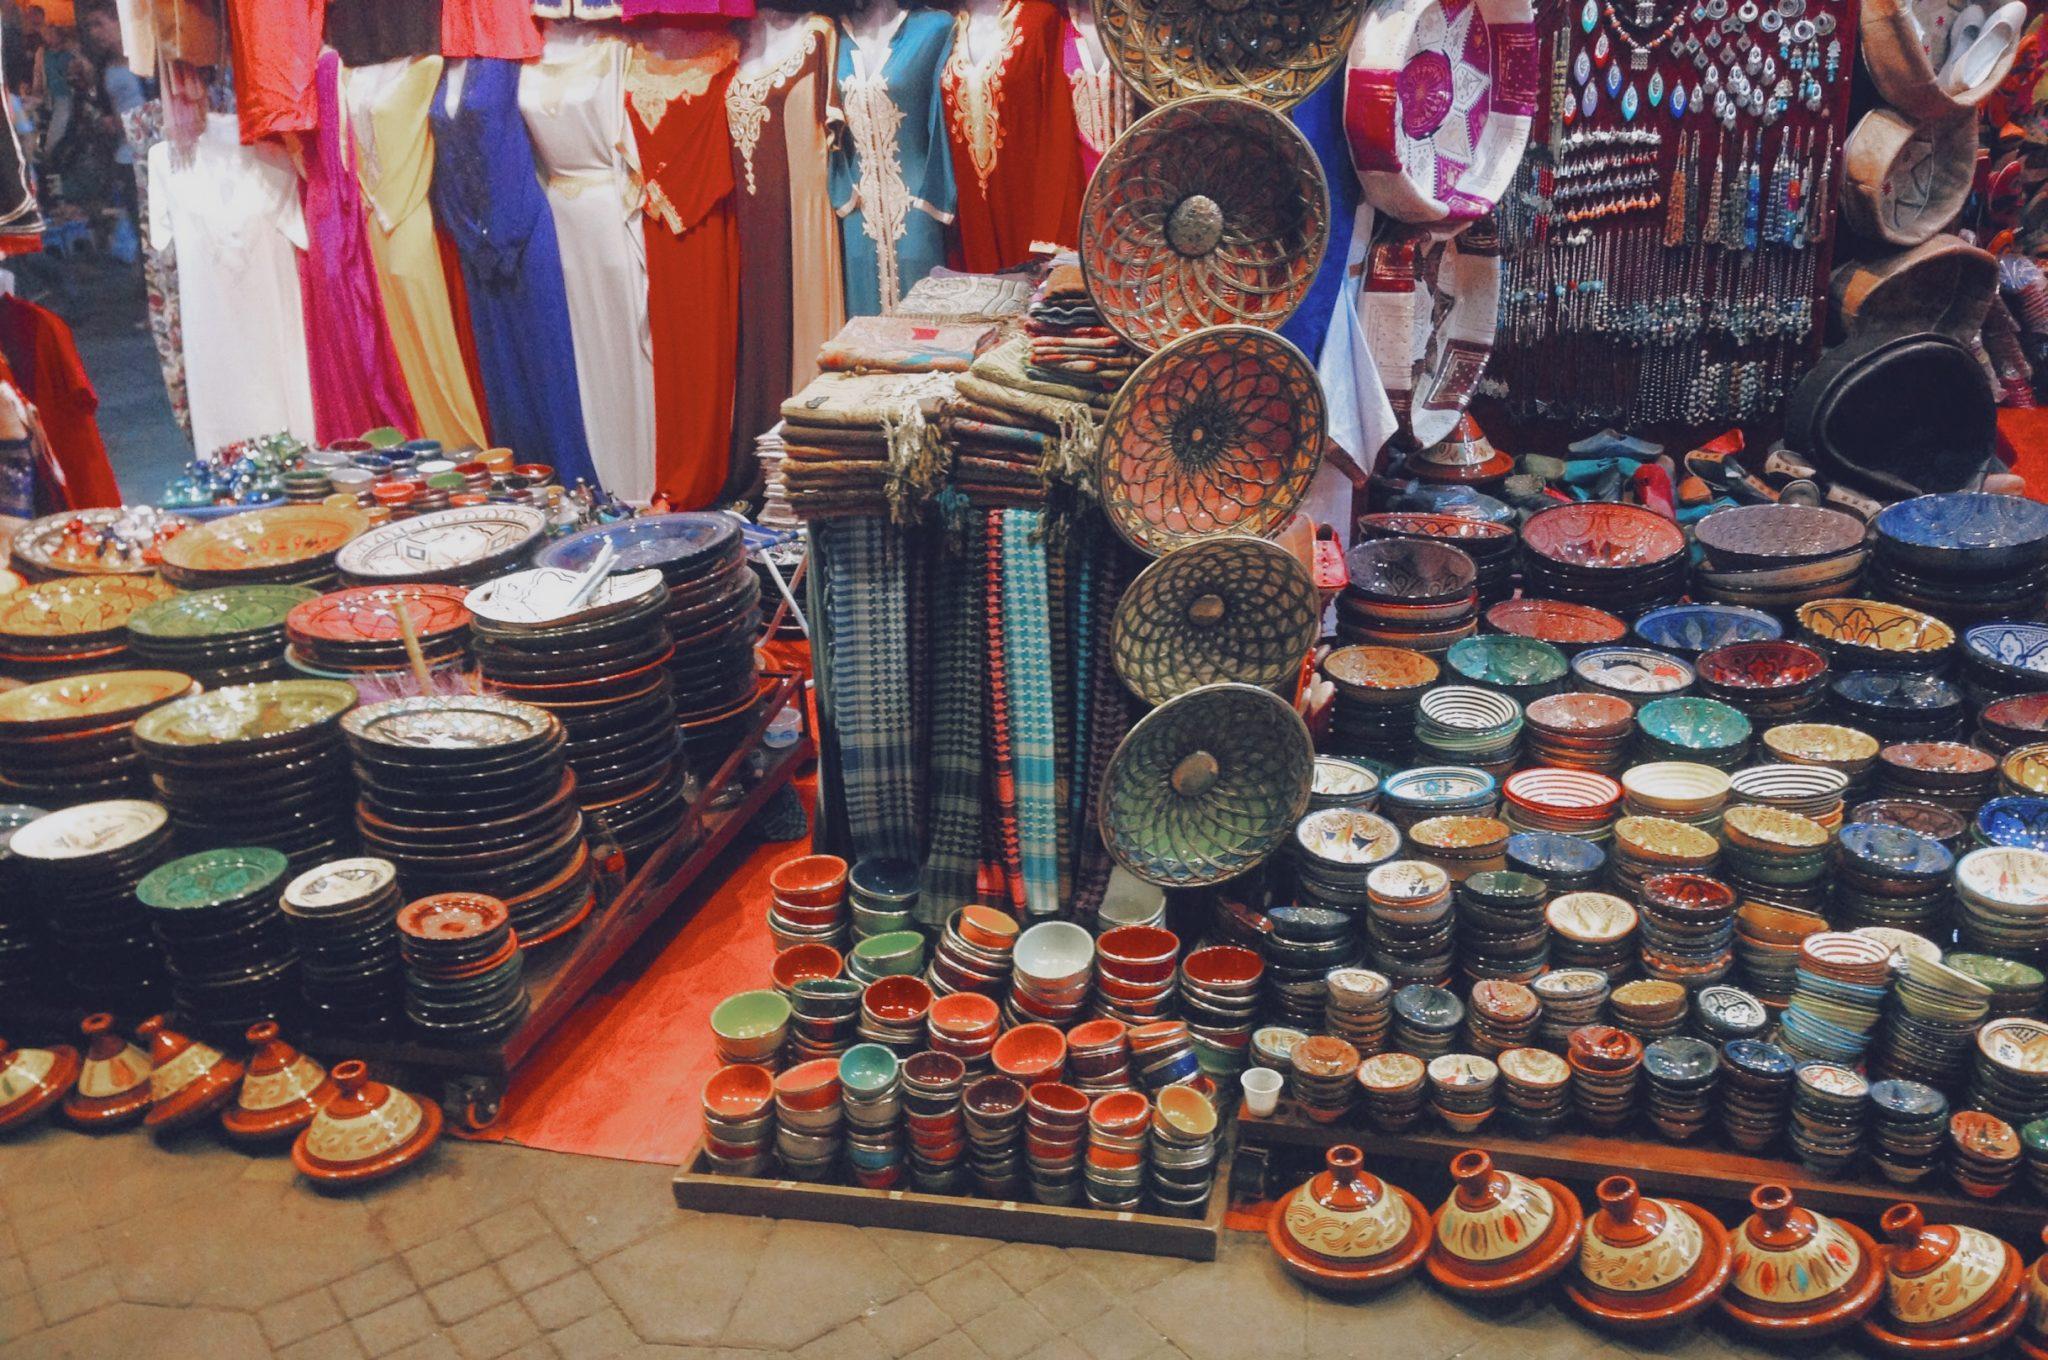 Marchand d'artisanat local dans les souks de Marrakech